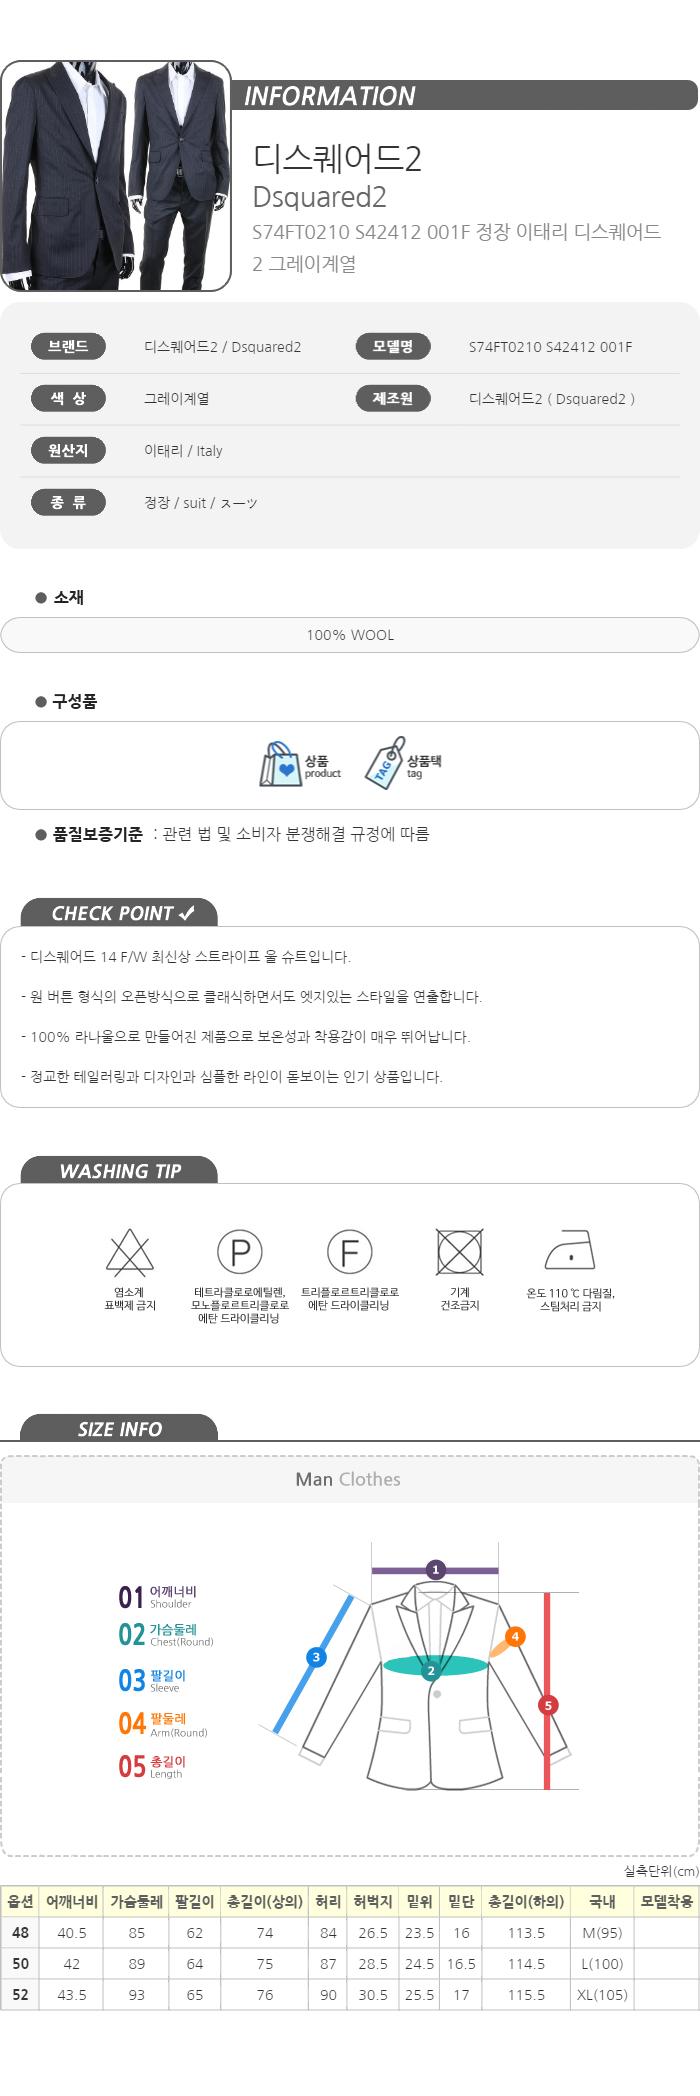 디스퀘어드2 S74FT0210 S42412 스트라이프 울 정장 국내배송